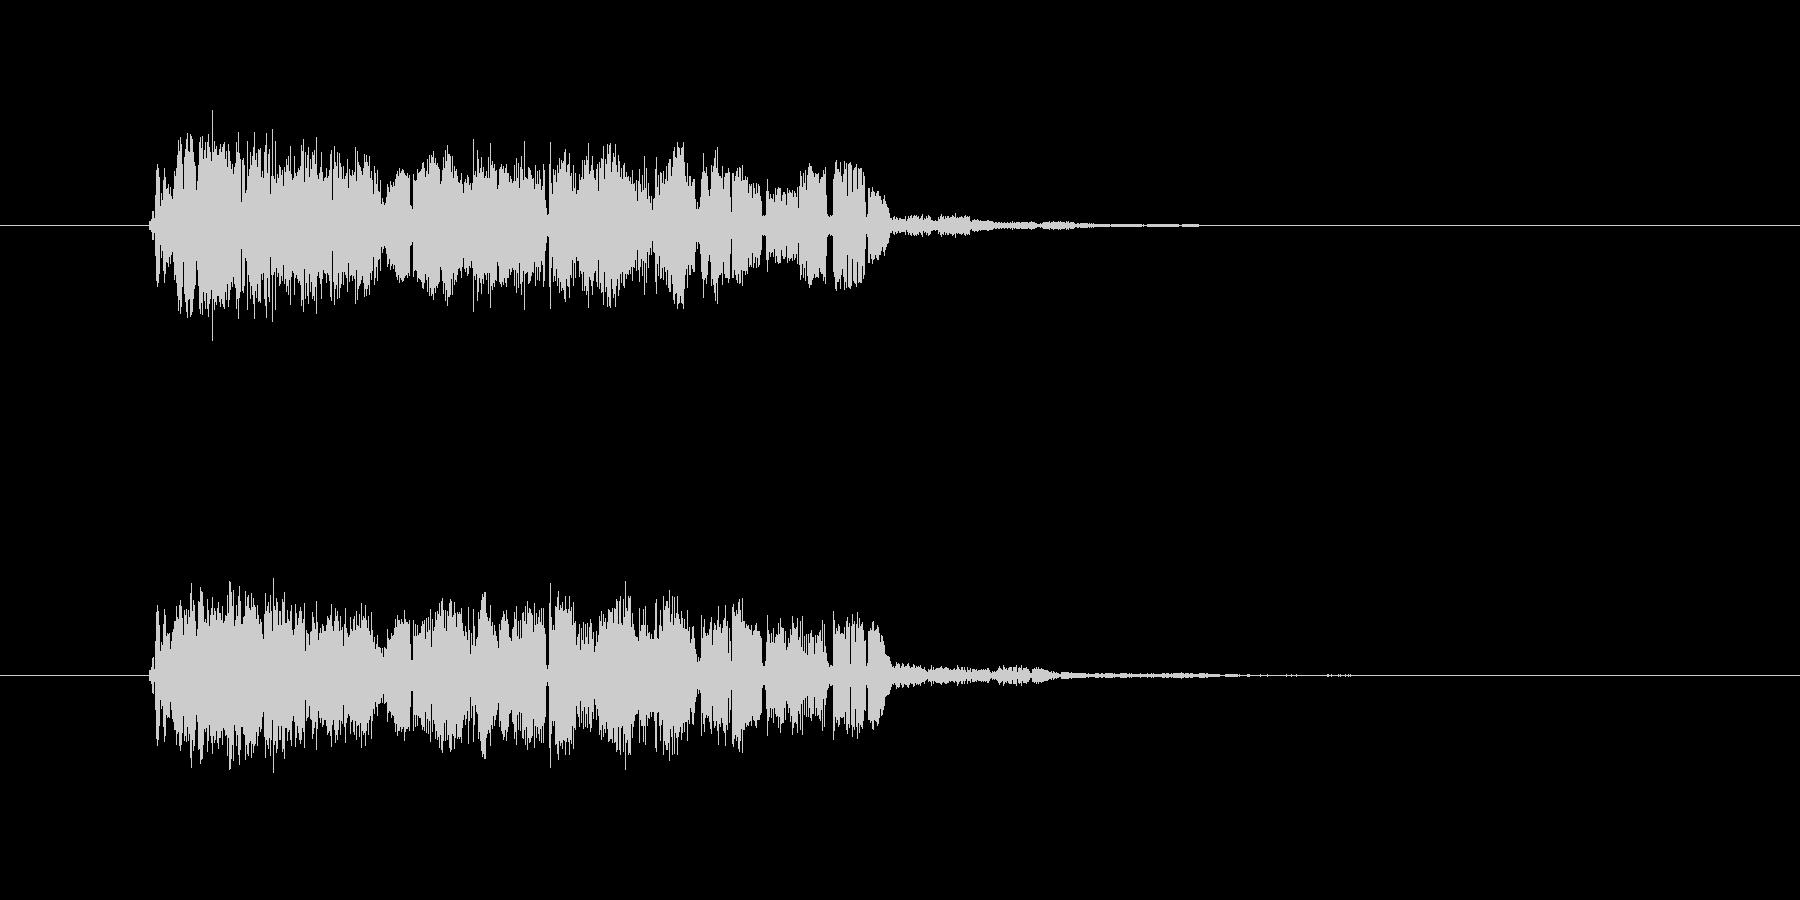 レトロなコンピューター音の未再生の波形